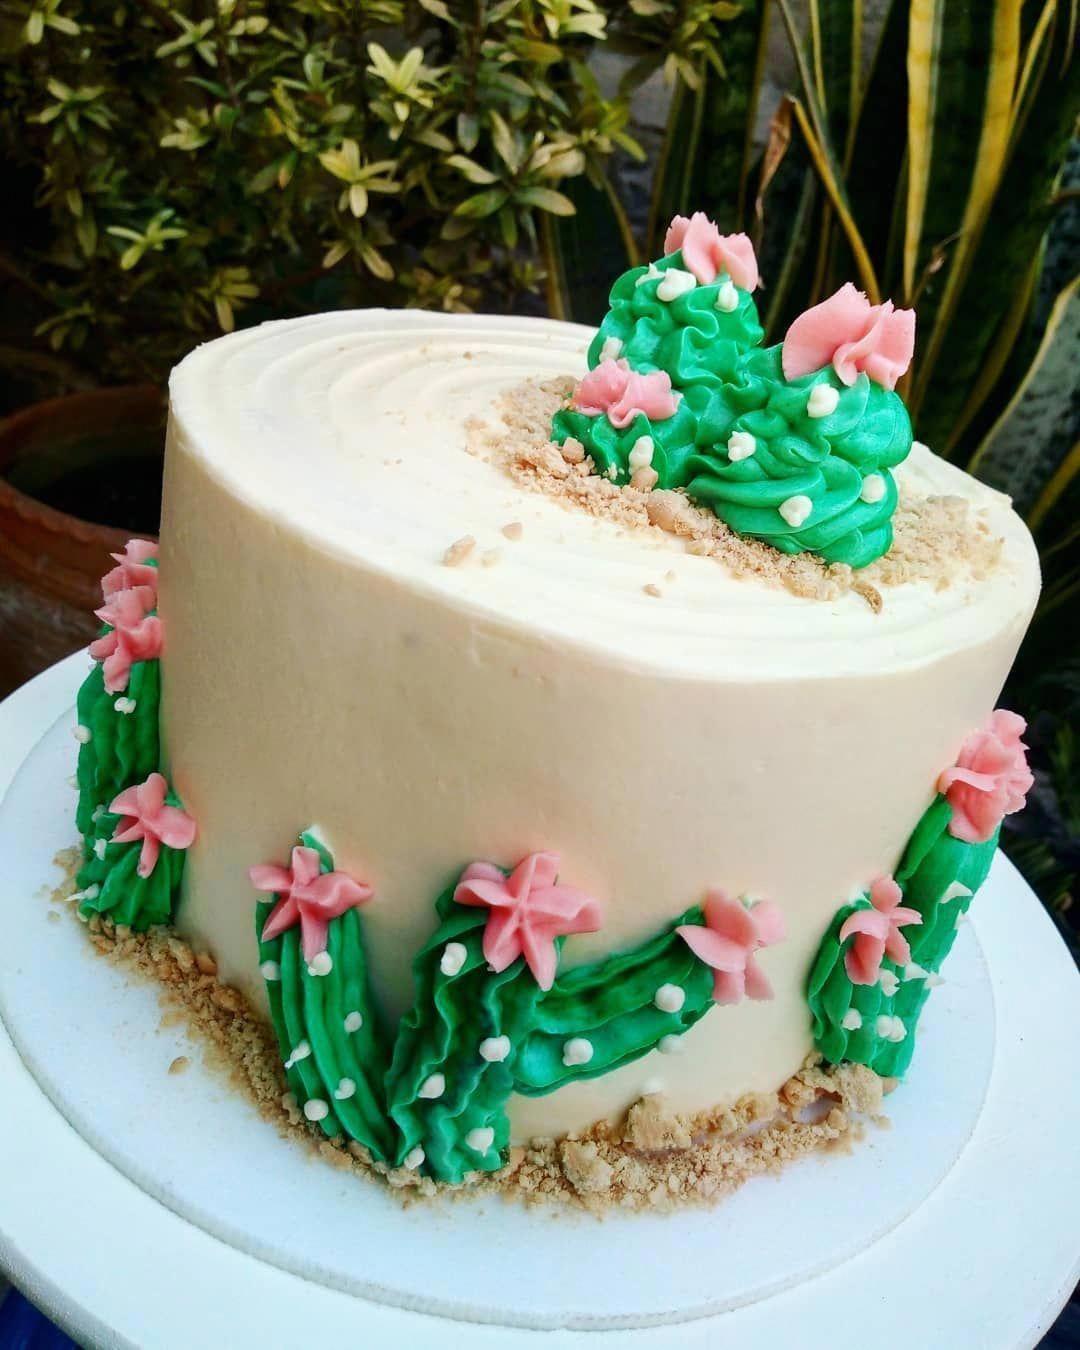 #tortadesuculentas #tortadecactus #cactuscake #cakecactus #suculentas #nosotros #cactus #cotiza #torta #cake #con #de⭐Torta de cactus ⭐ ������Cotiza con nosotros . . .⭐Torta de cactus ⭐ ������Cotiza con nosotros . . .